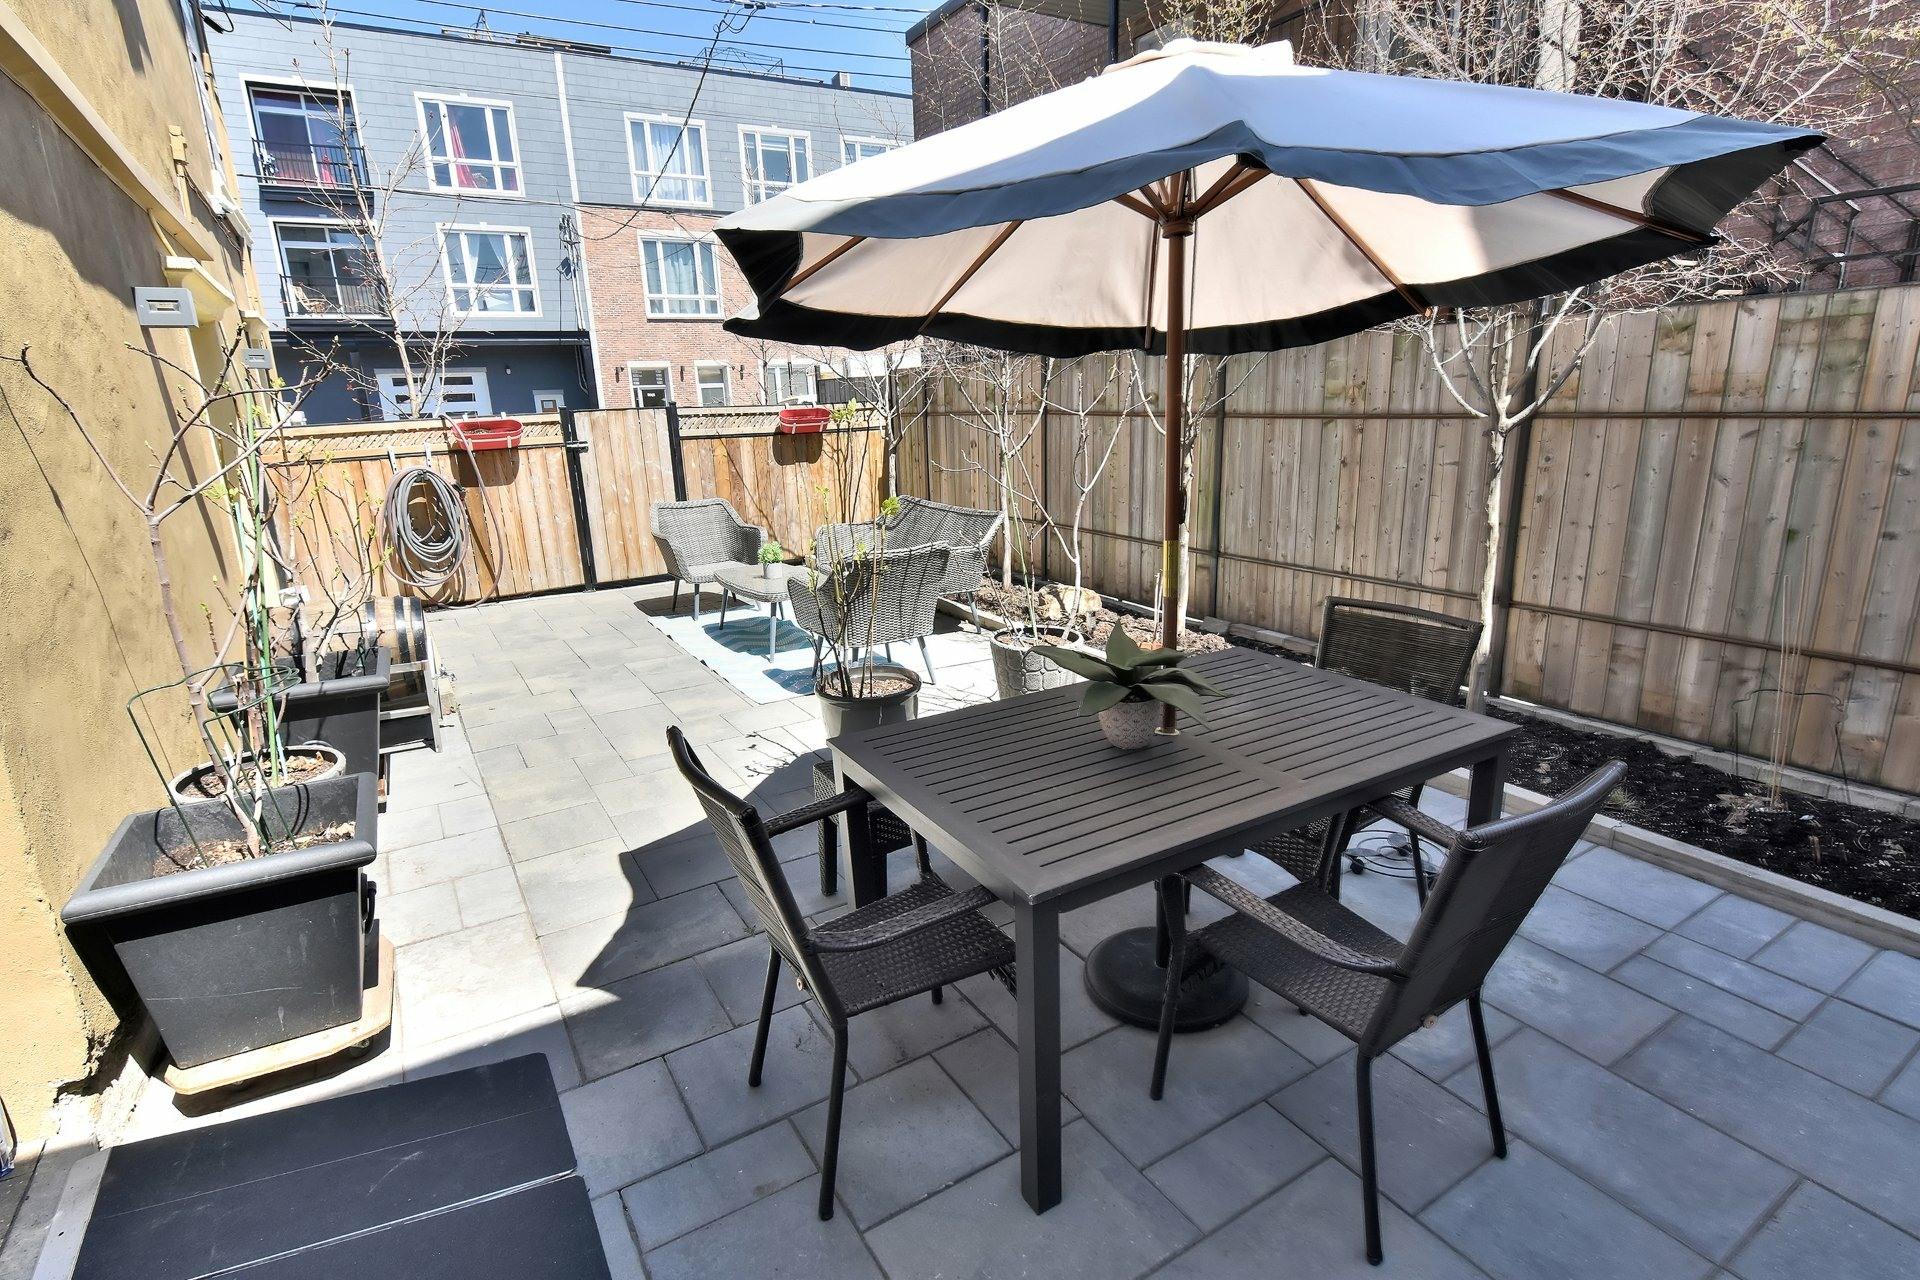 image 16 - 公寓 出售 Côte-des-Neiges/Notre-Dame-de-Grâce Montréal  - 5 室